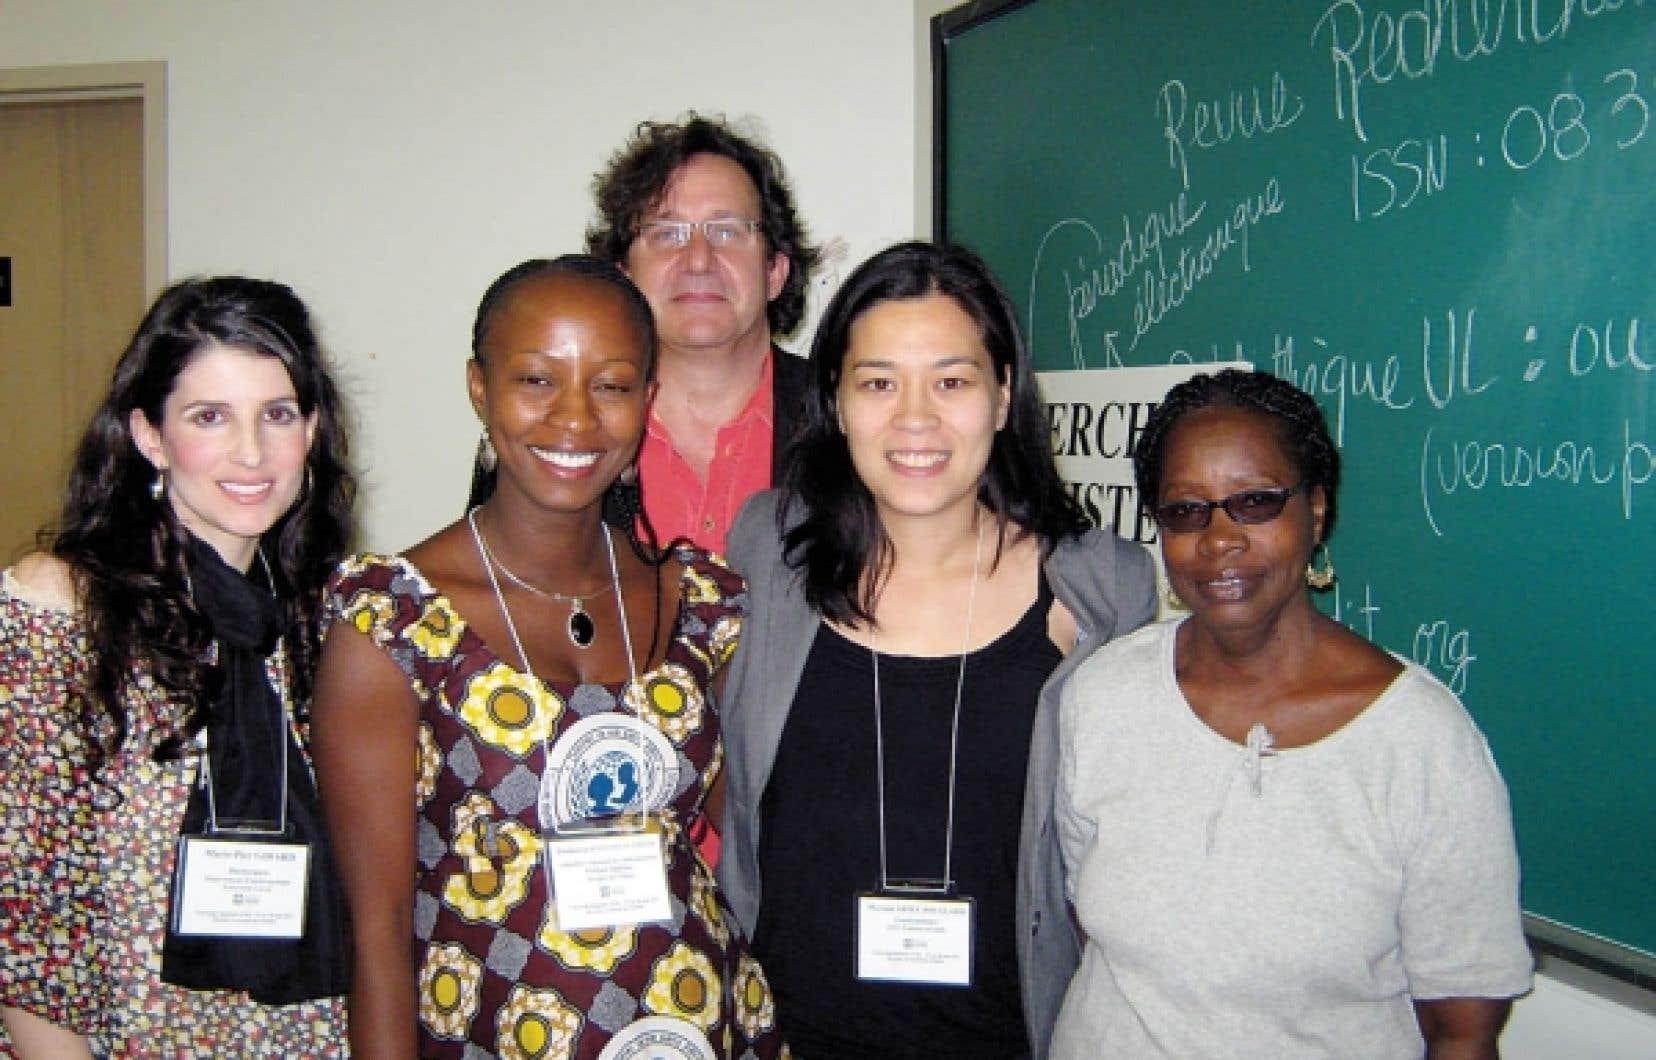 Marie-Pier Girard, Hannatou Ousmane, Myriam Ariey-Jouglard et Codou Bop, conférencières, ainsi que Richard Marcoux, président de la séance consacrée au travail de jeunes femmes du Sud, à l'Université féministe d'été en 2011<br />